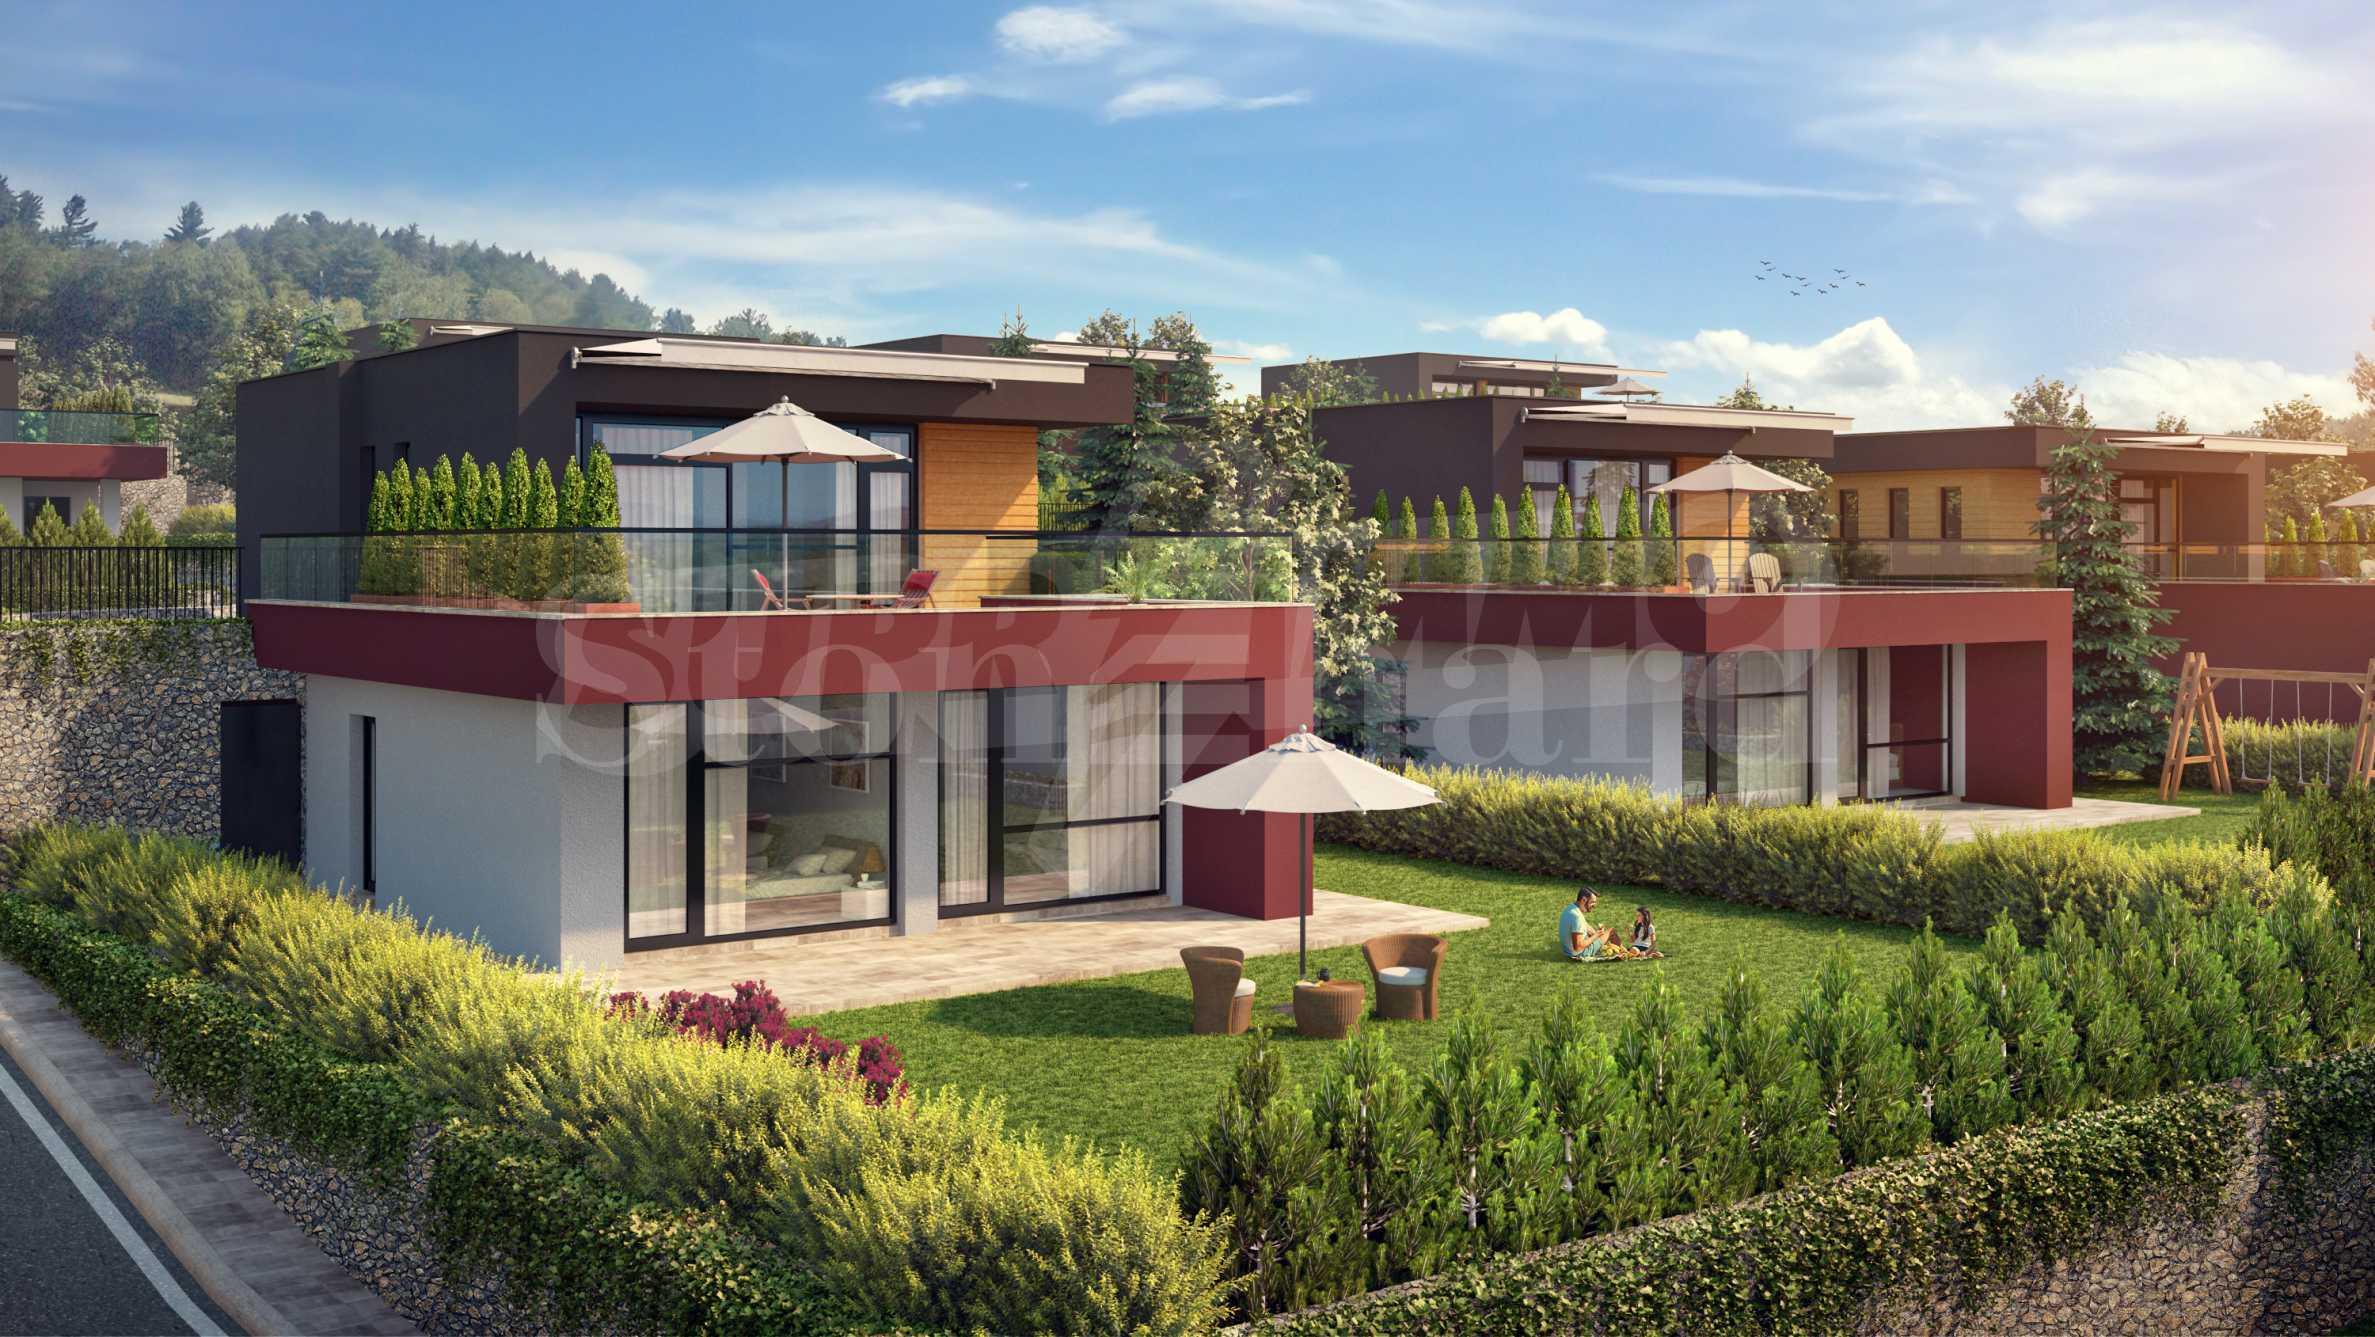 Еднофамилни къщи с озеленени дворове и басейн в нов комплекс в Перник2 - Stonehard